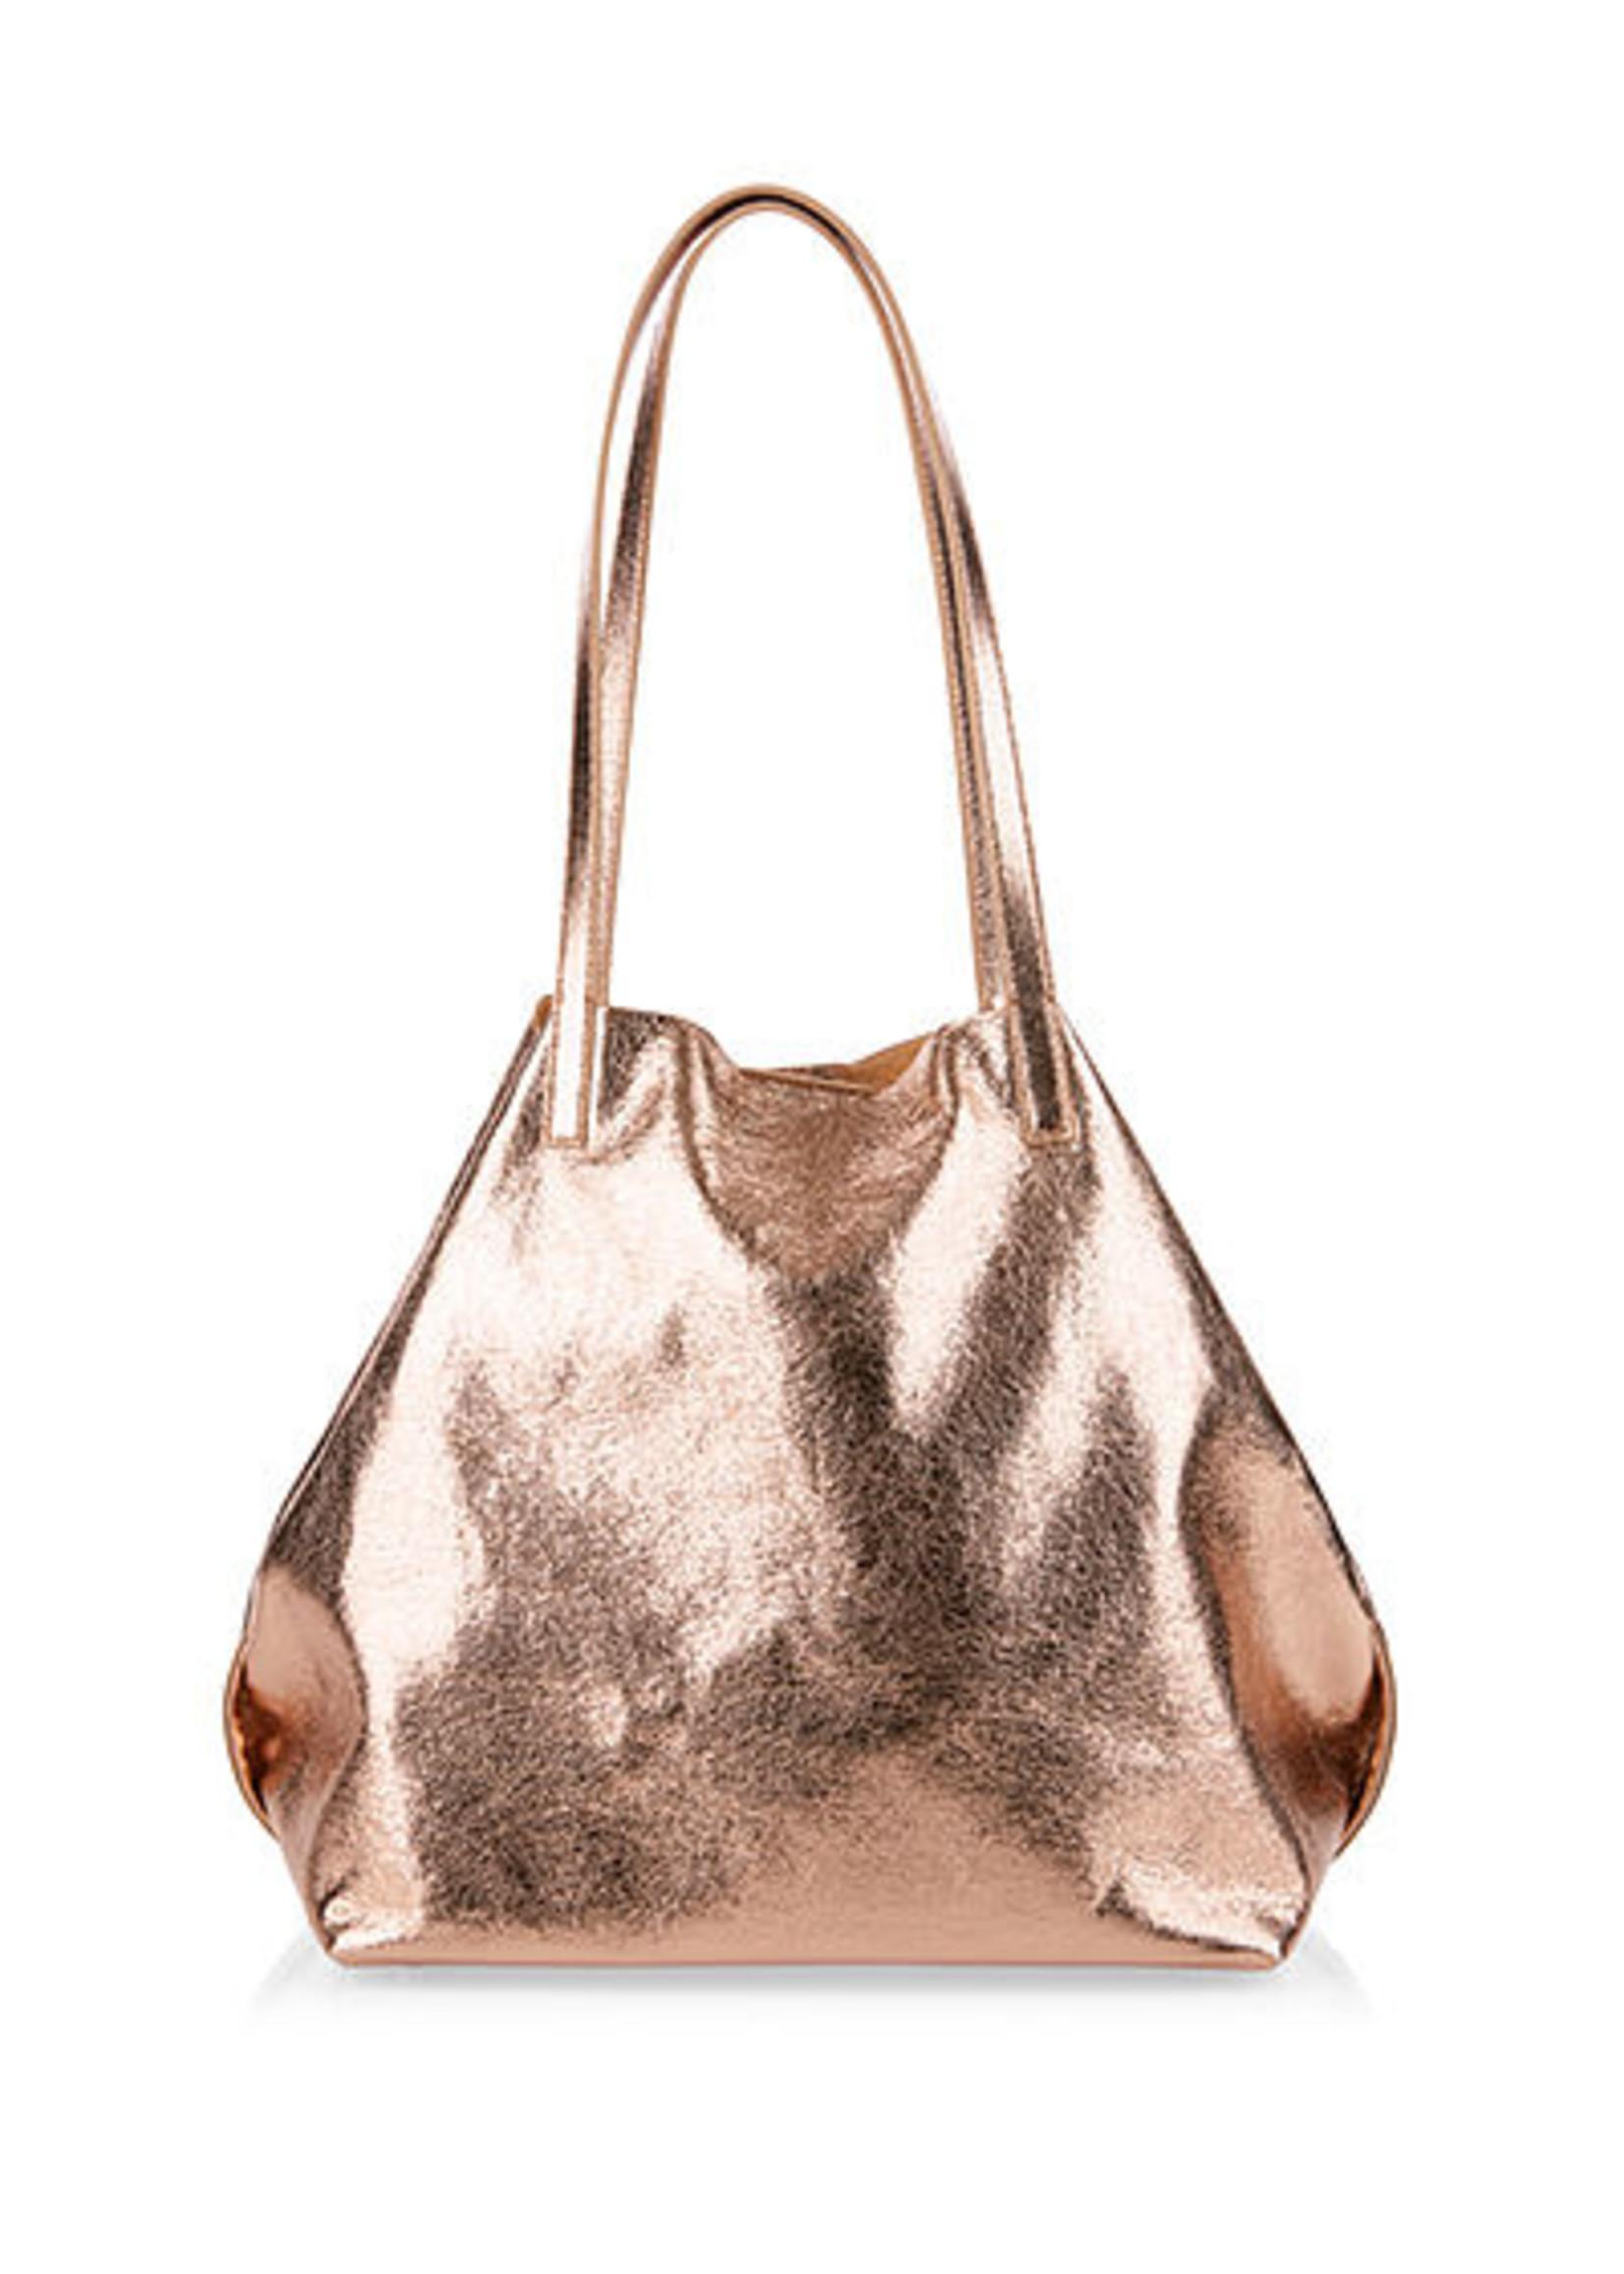 Marccain Bags & Shoes Shopper RB T6.05 Z04 sandy beige